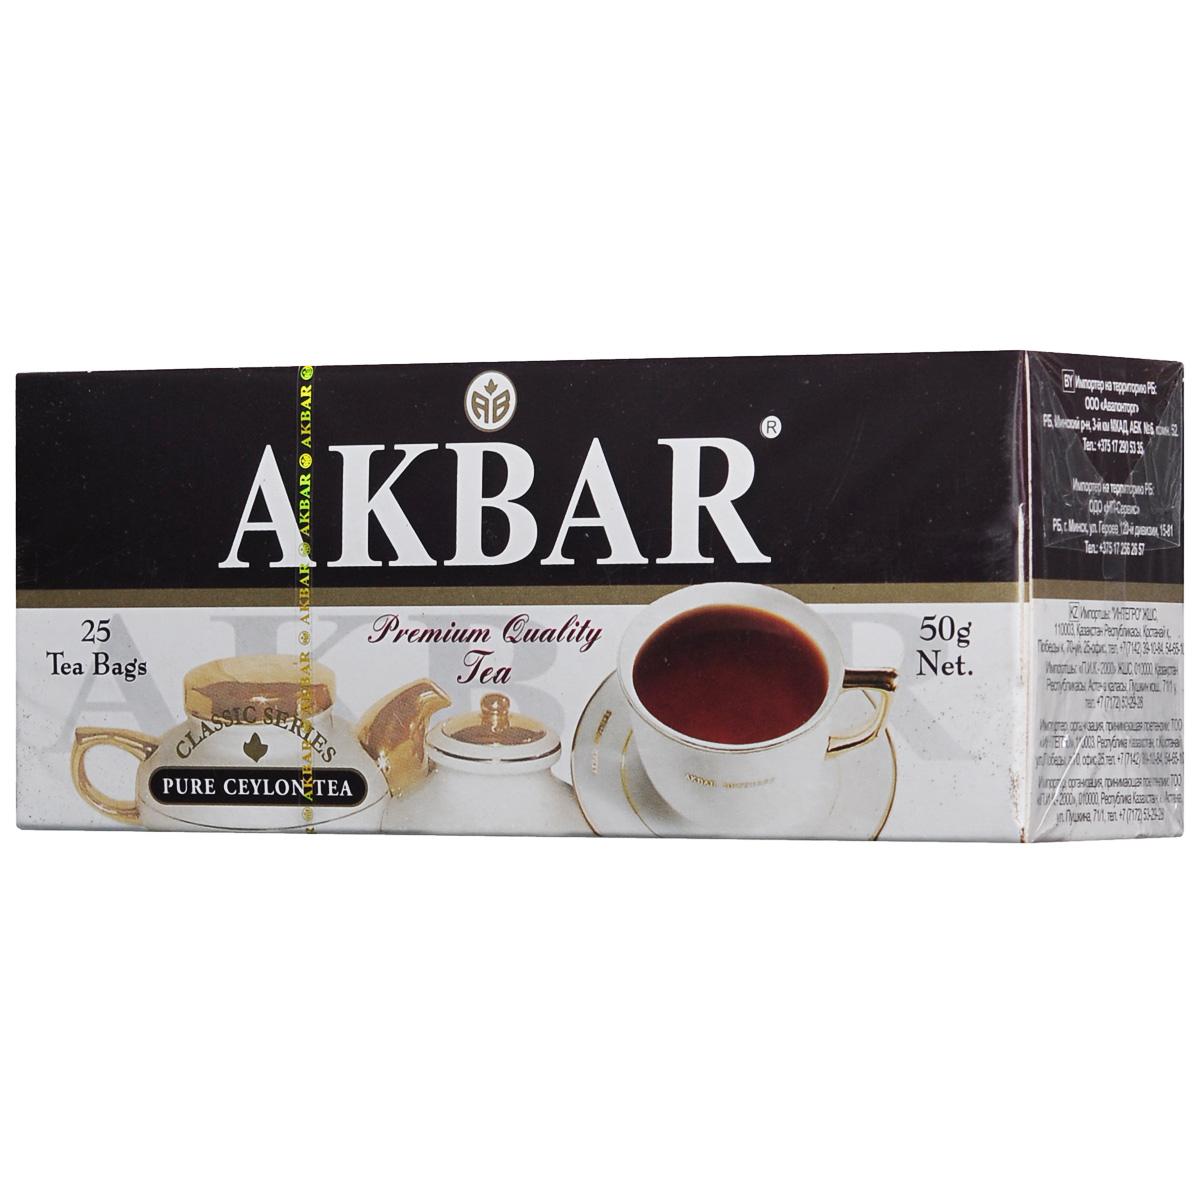 Akbar Классическая серия черный чай в пакетиках, 25 шт0120710Приверженность вековым традициям, неизменное постоянство вкуса и качества - вот секрет популярности чая Akbar Классическая серия у многих поколений любителей чая во всем мире. Выращенный исключительно на элитных плантациях Шри-Ланки, он объединяет в себе все лучшее, чем славится настоящий цейлонский чай: богатый аромат, тонизирующий вкус, неповторимая свежесть, насыщенный цвет настоя.